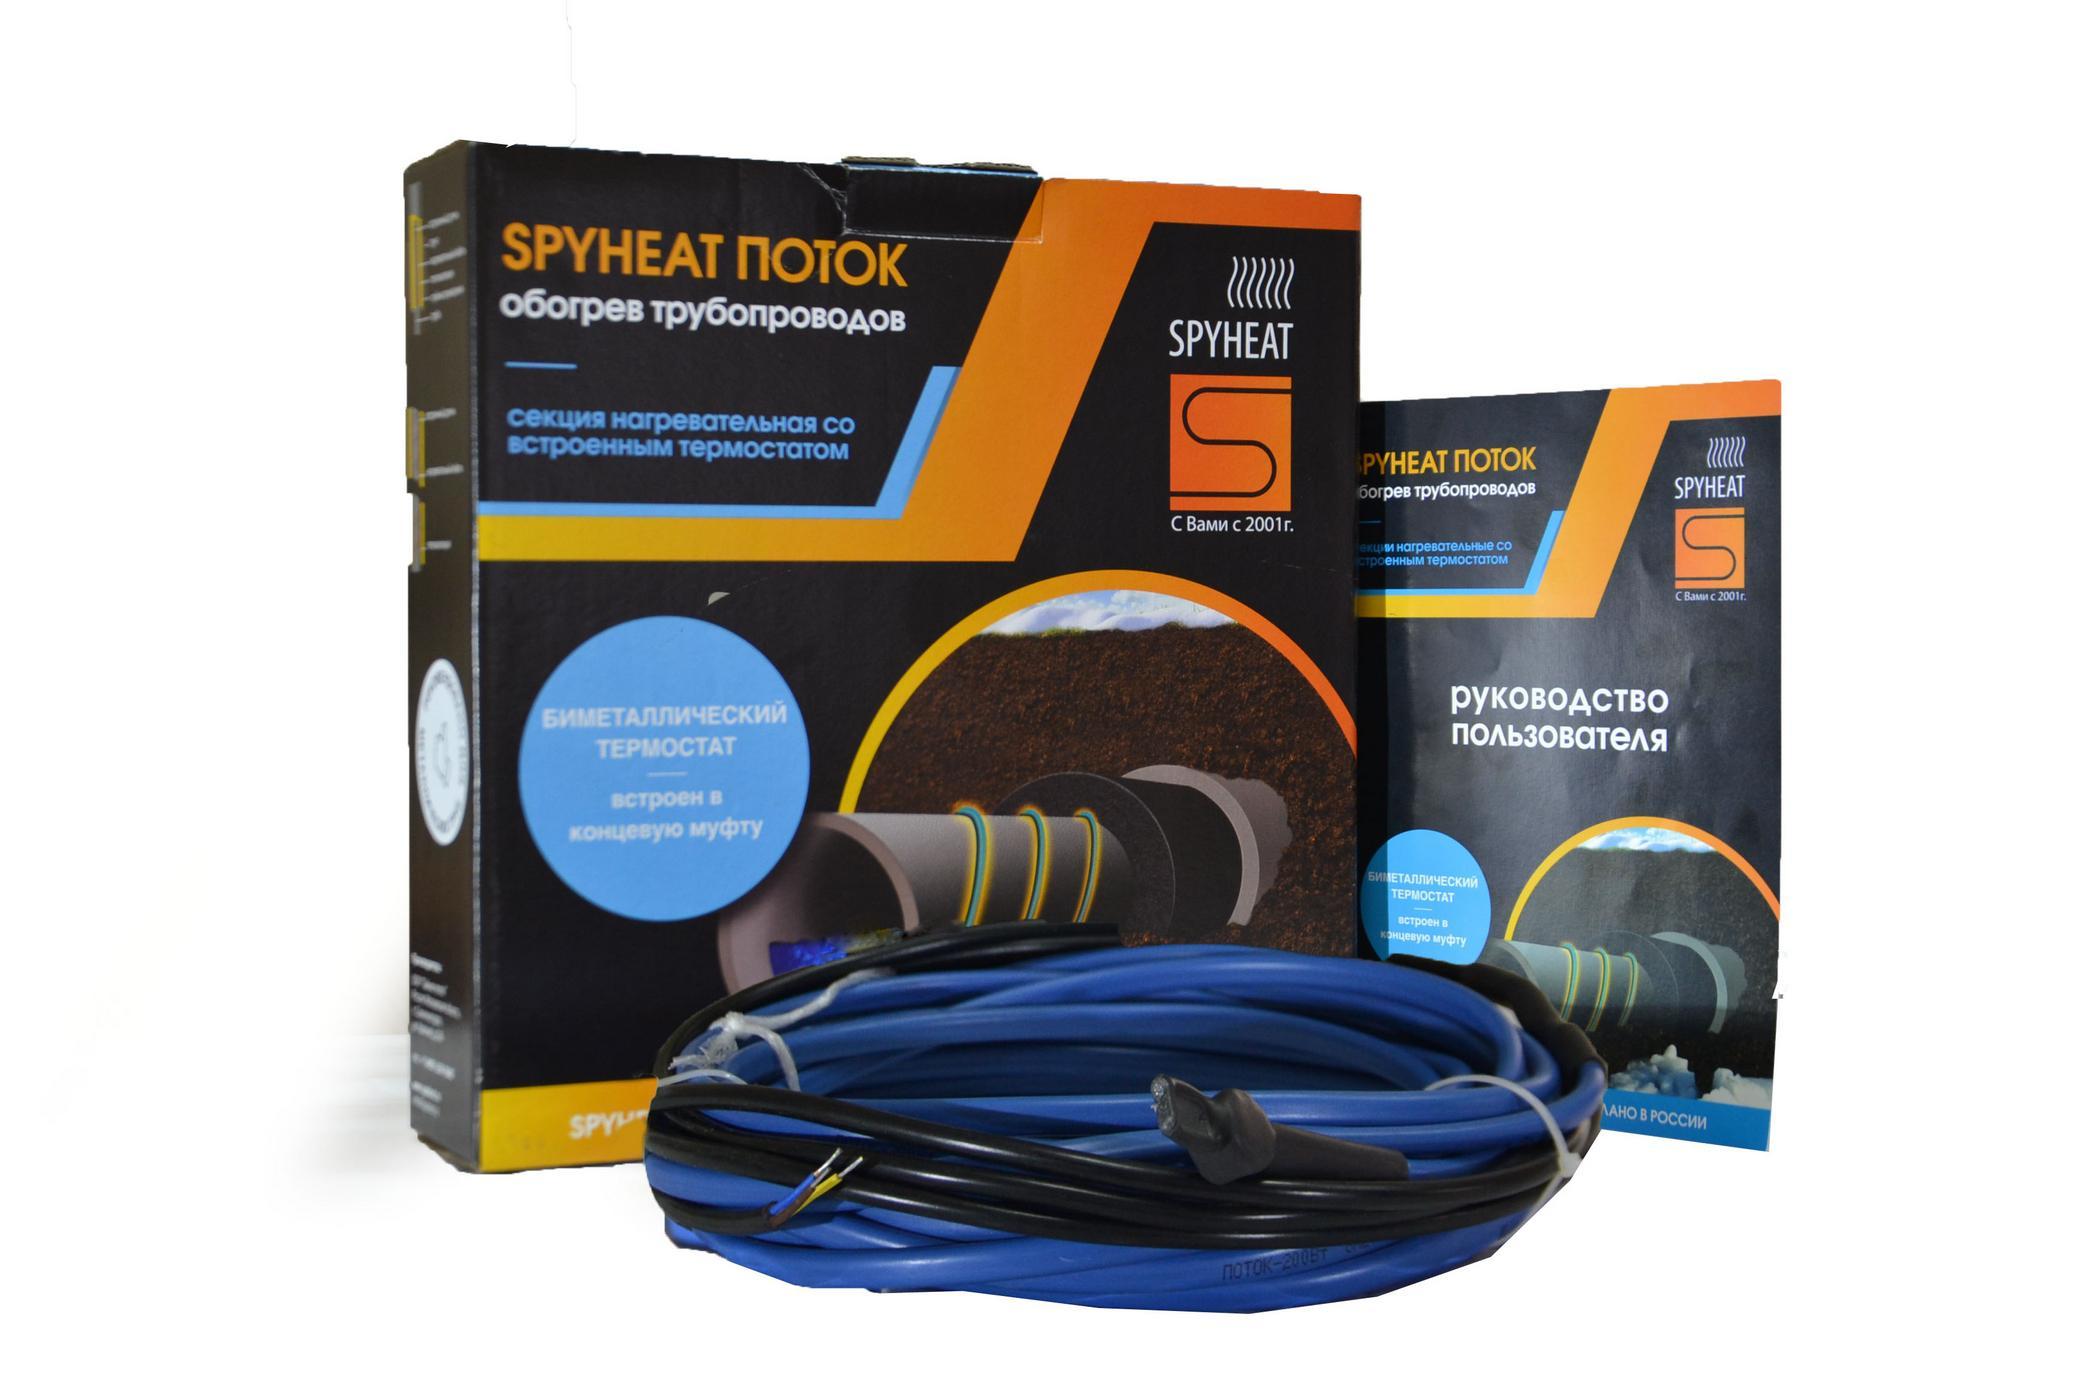 Греющий кабель Spyheat ПОТОК strong shfd-25-1000 крючок на трубу 25 мм